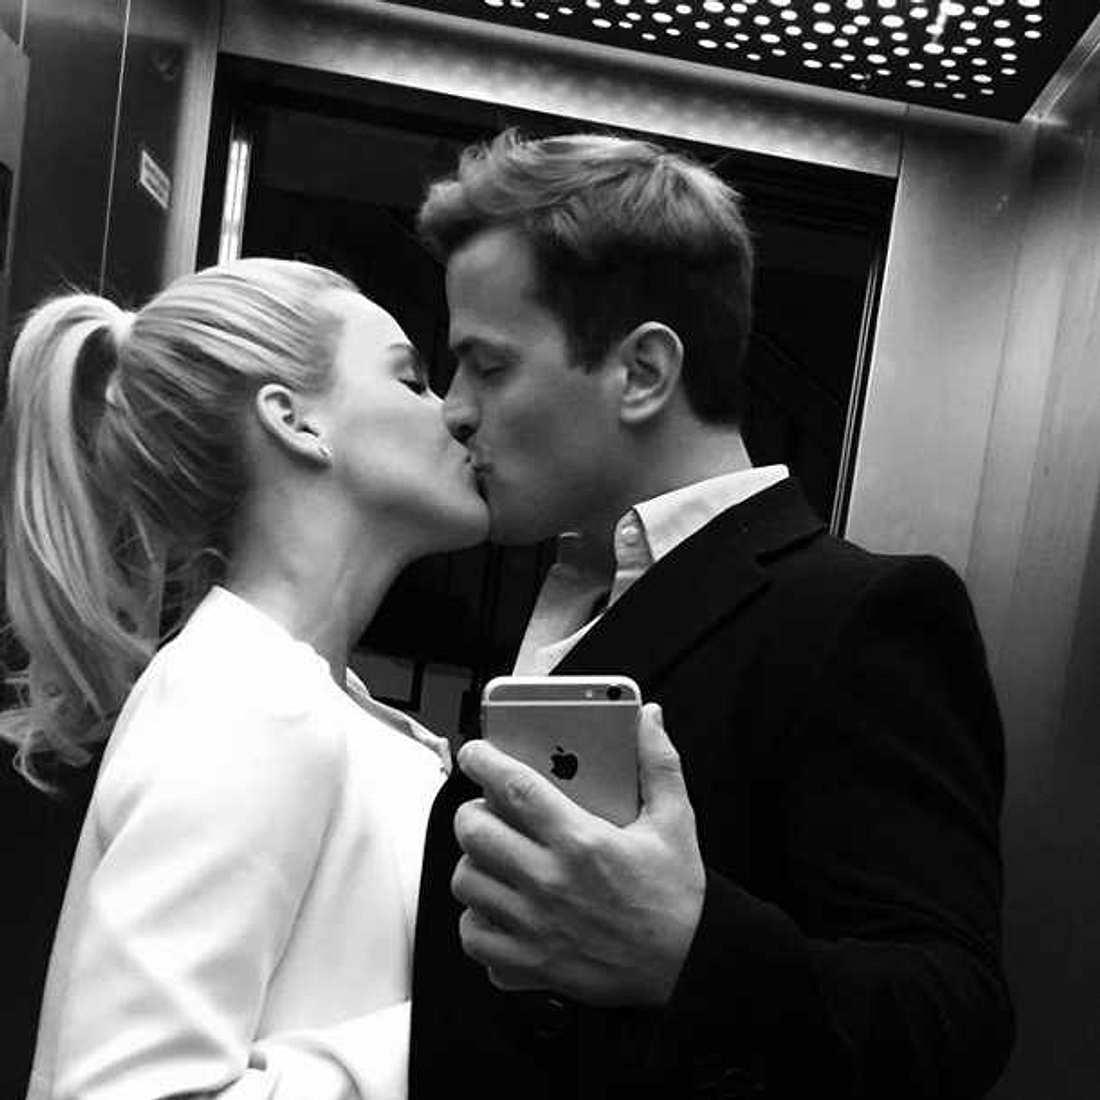 Angelina Heger Rocco Stark Kuss Selfie